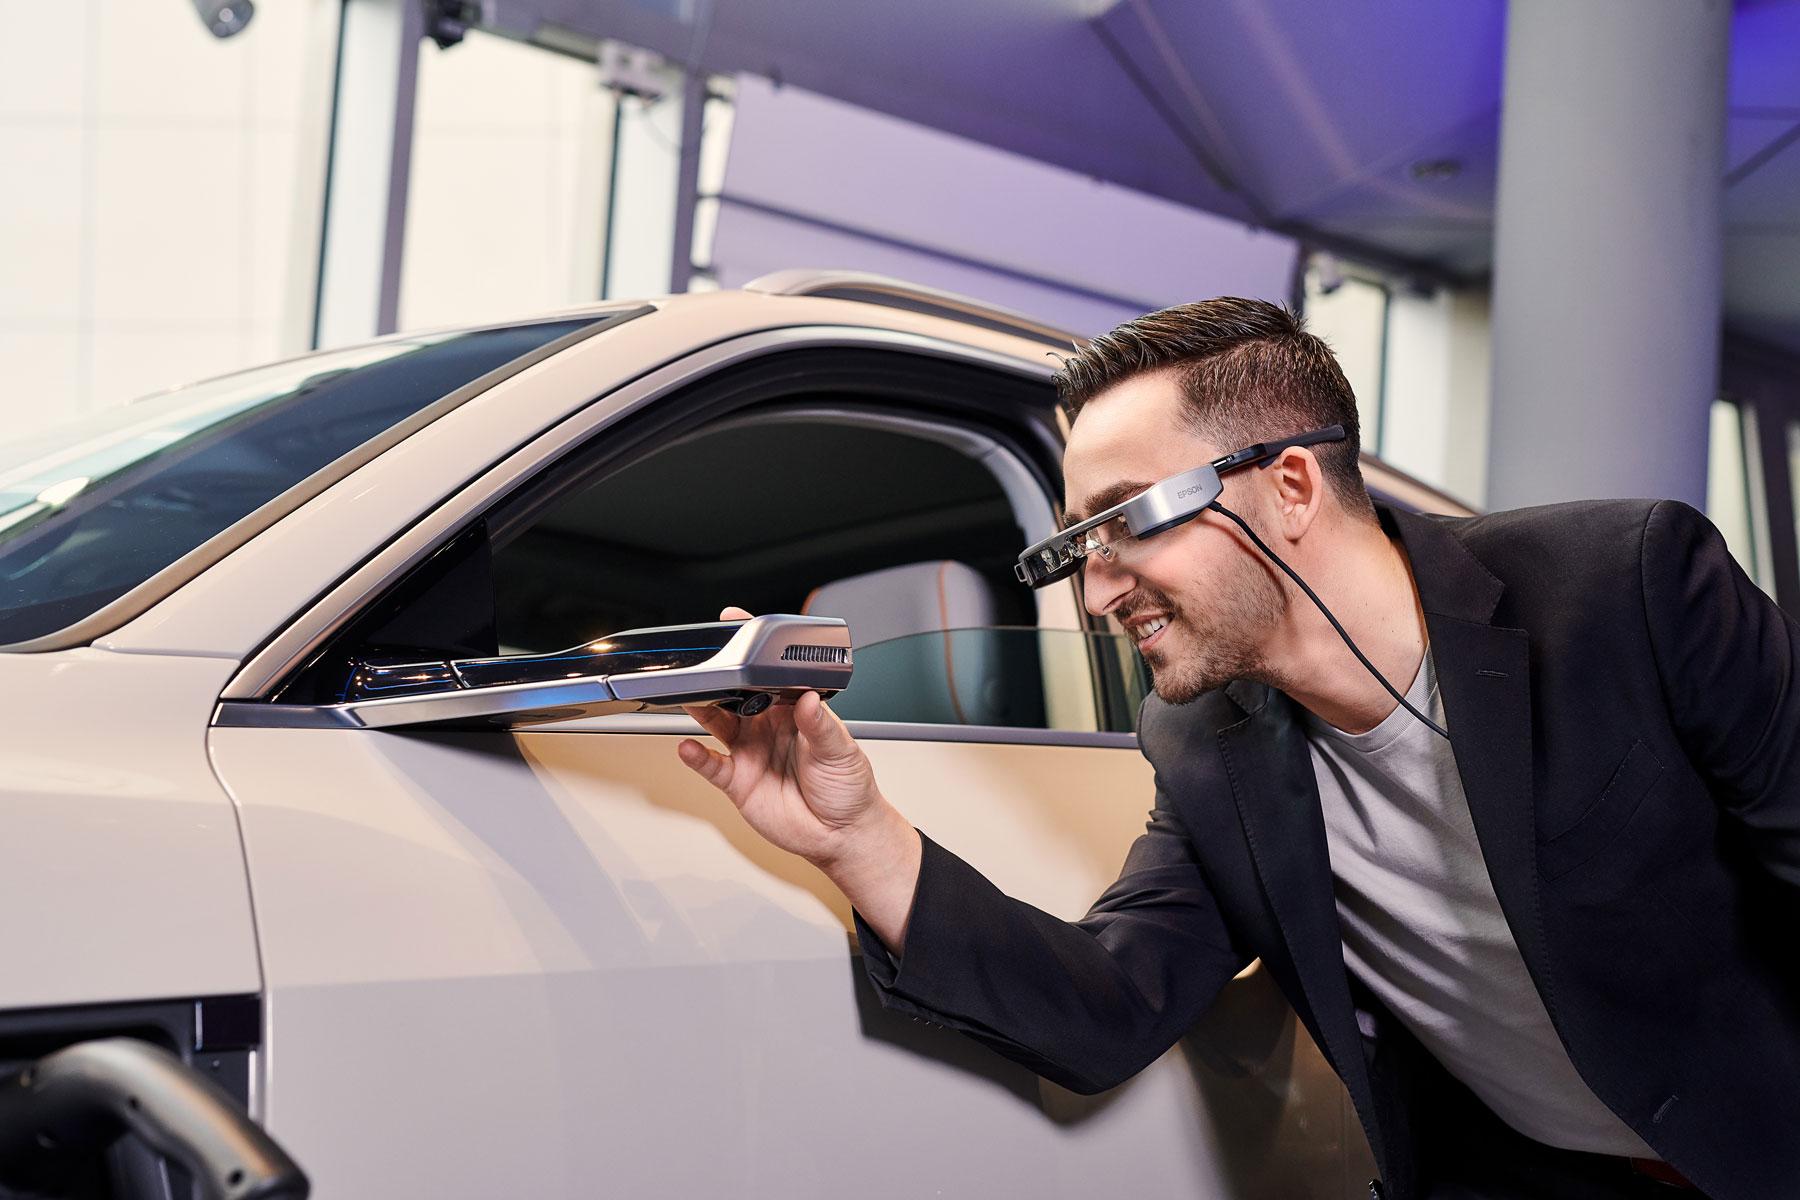 Un face-à-face avec l'Audi e-tron: grâce aux lunettes intelligentes du conseiller, tous les détails sont passés au crible – même les rétroviseurs extérieurs virtuels. (AUDI)